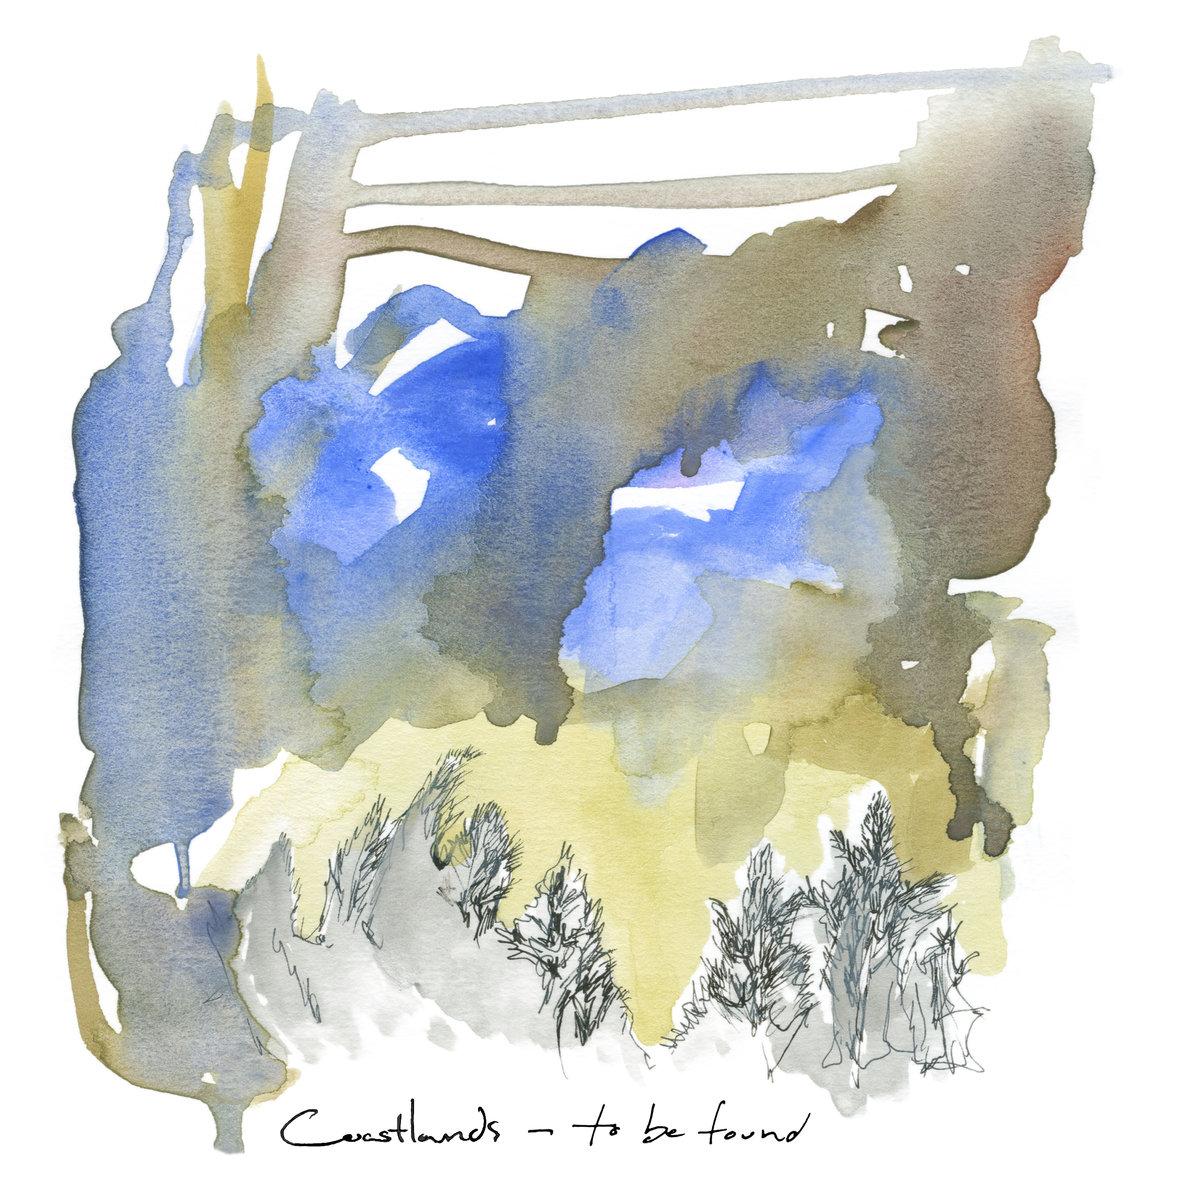 Coastlands • To Be Found [LP]